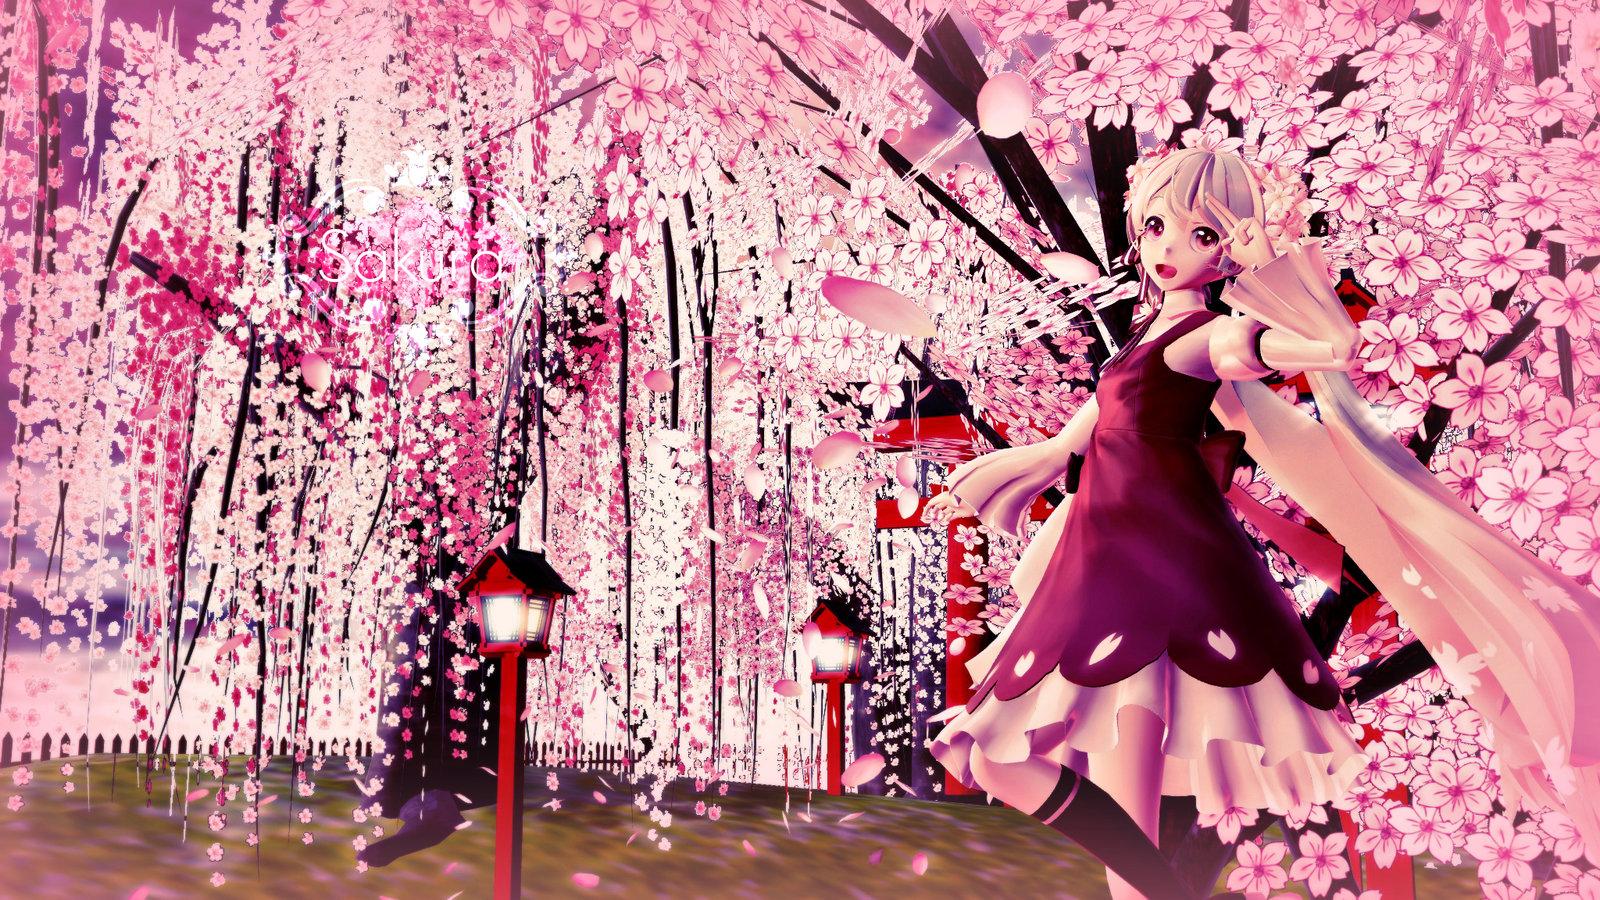 Sakura wallpaper hd wallpapersafari - Sakura desktop ...